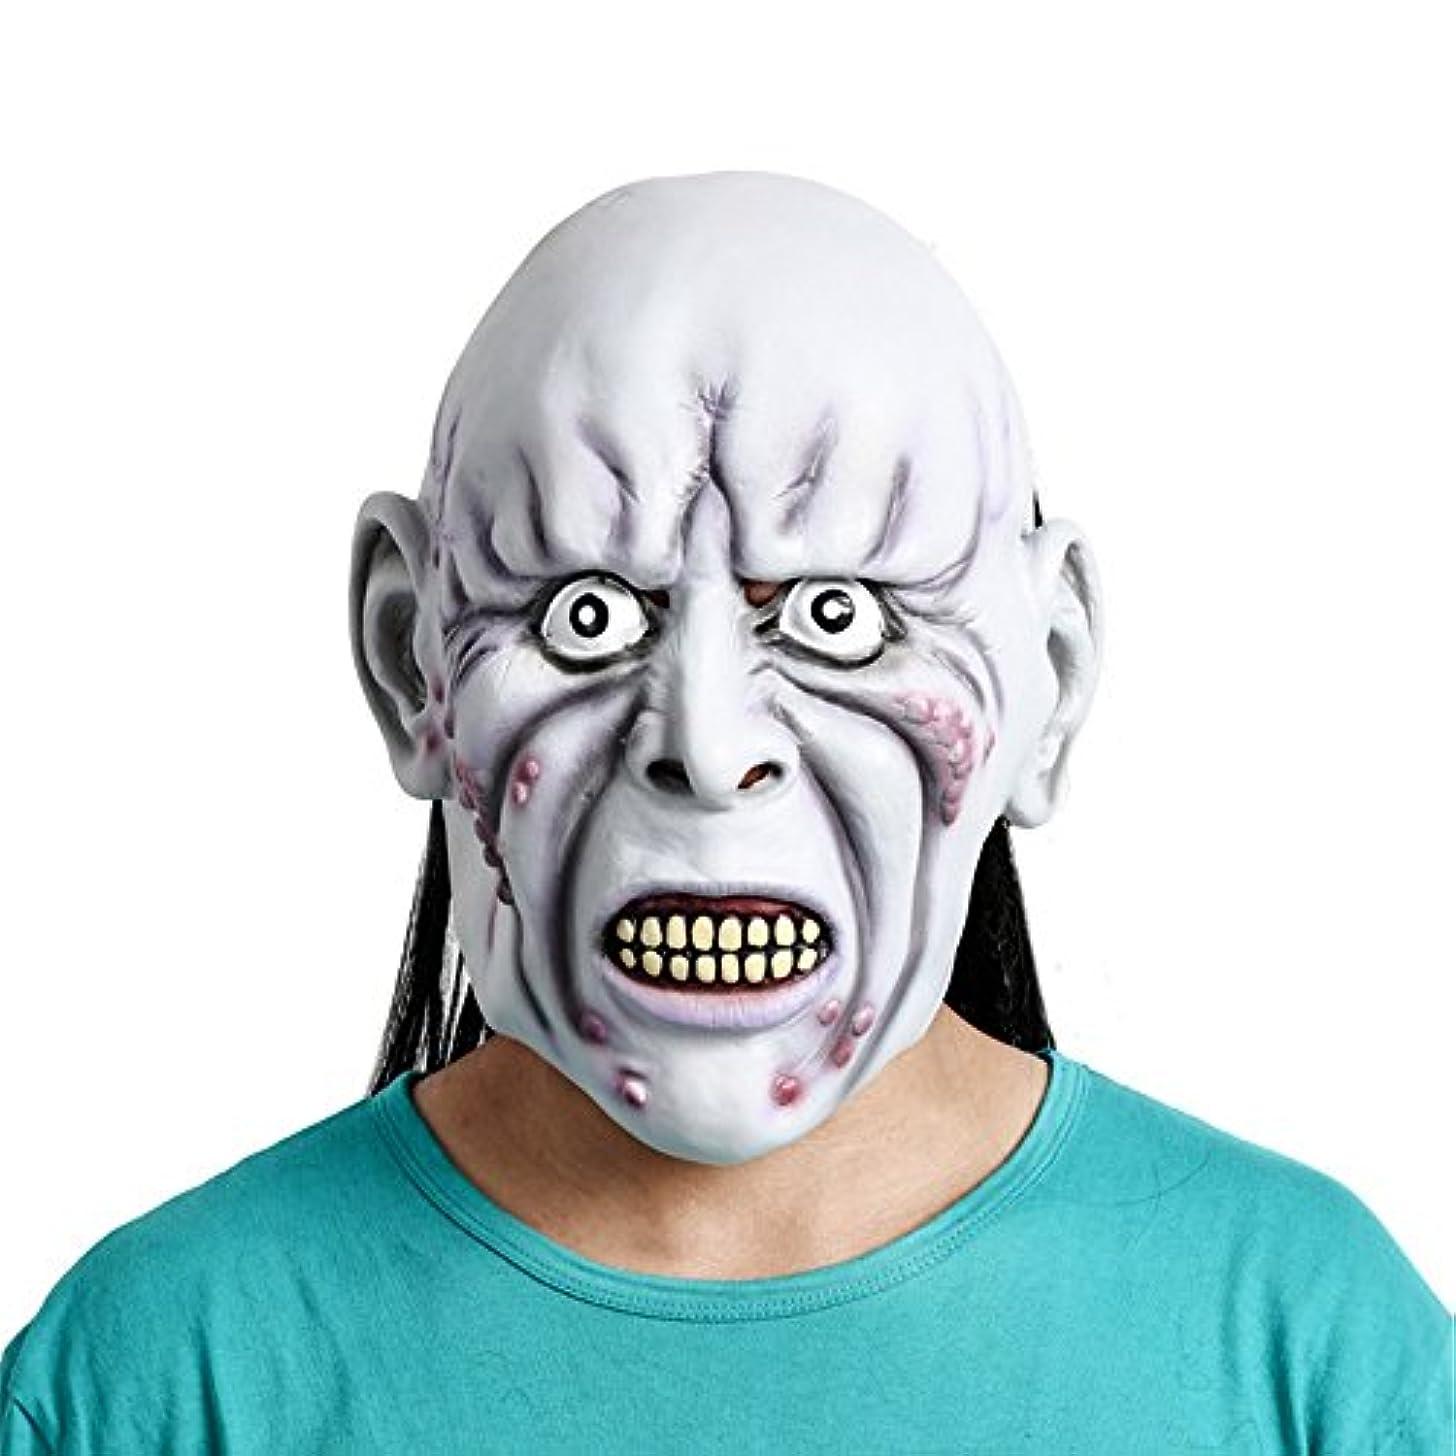 クレタ貸し手信号ハロウィンラテックスマスク/怖い魔女マスク/ストリップダンスパーティー怖いショー怖い小道具腐ったフェイスマスク